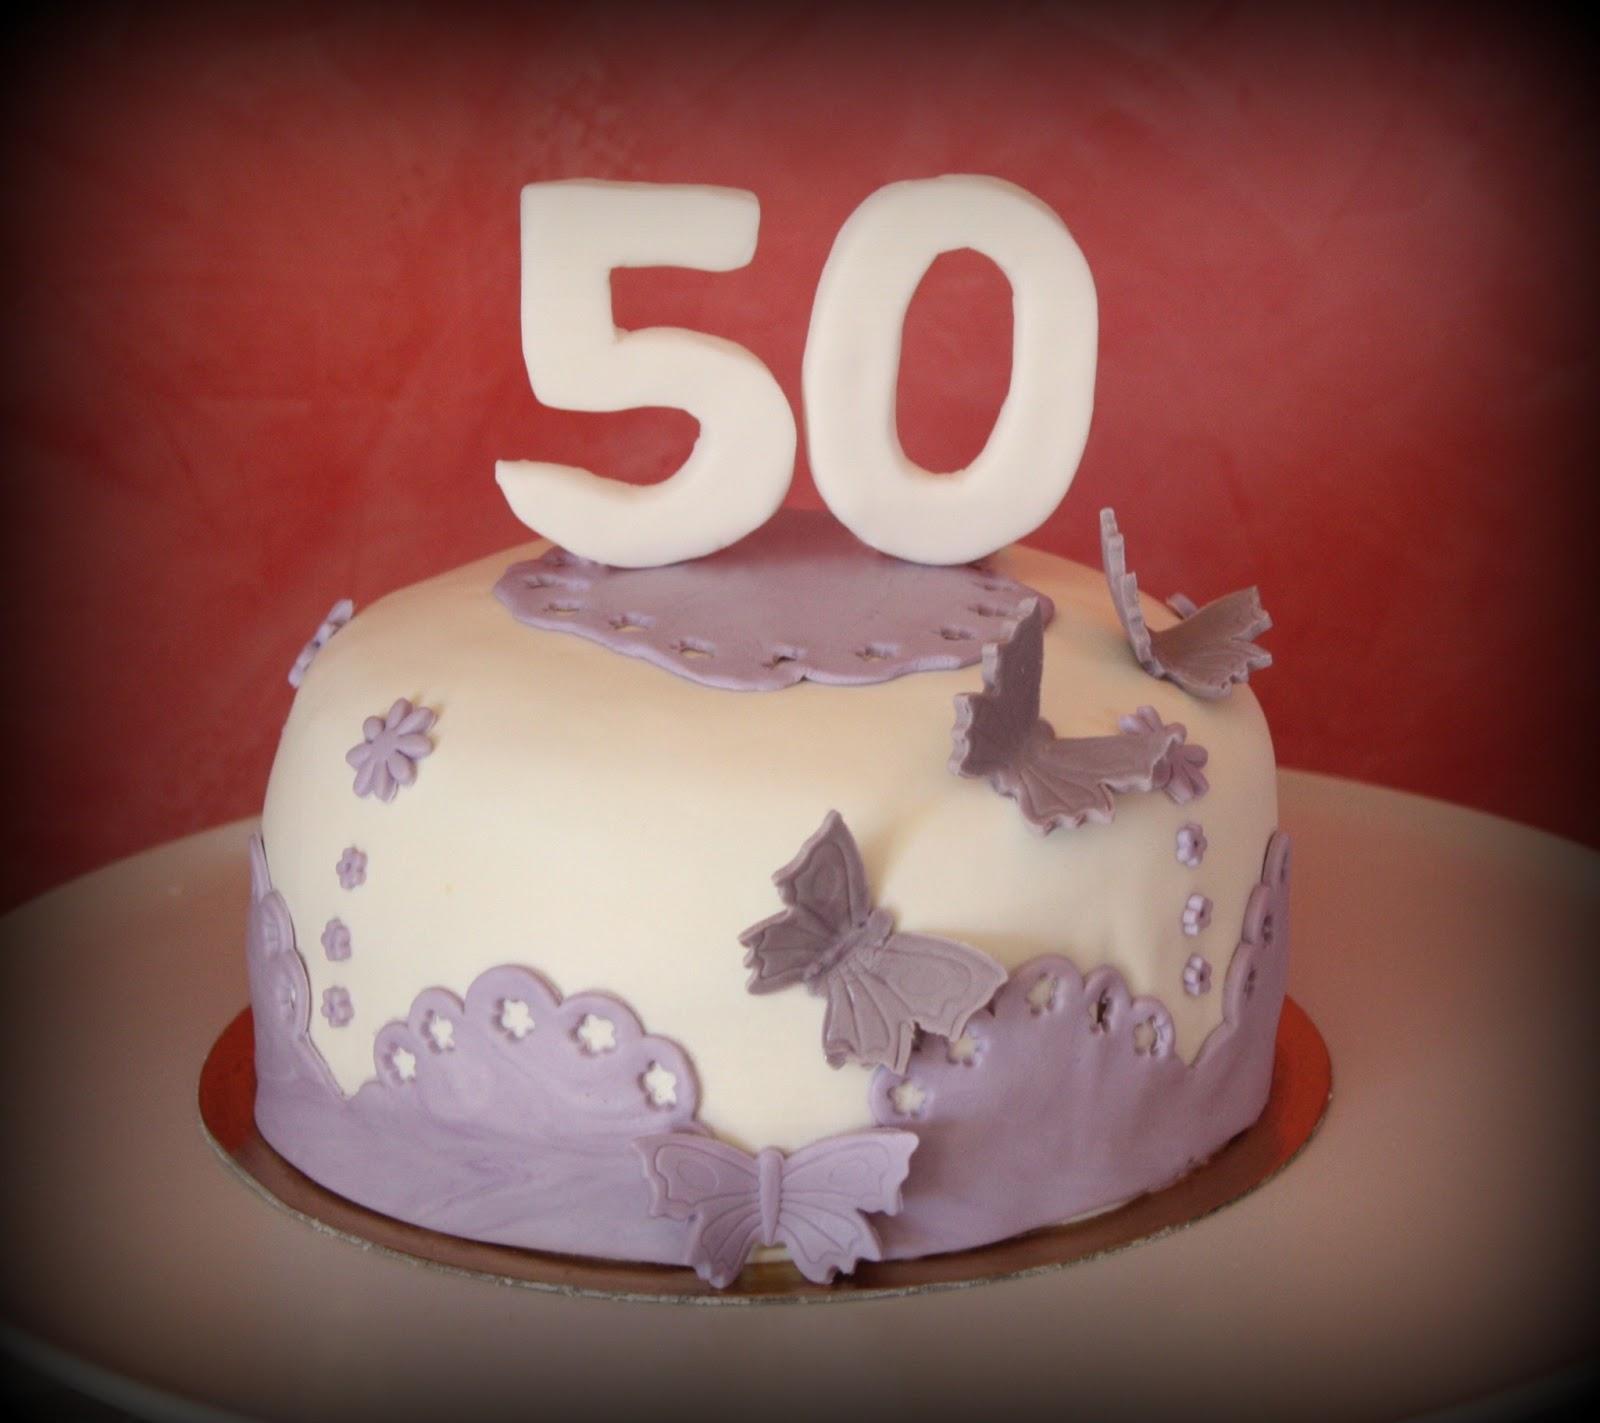 Torte di compleanno per 50 anni ai26 pineglen for Decorazione torte per 50 anni di matrimonio